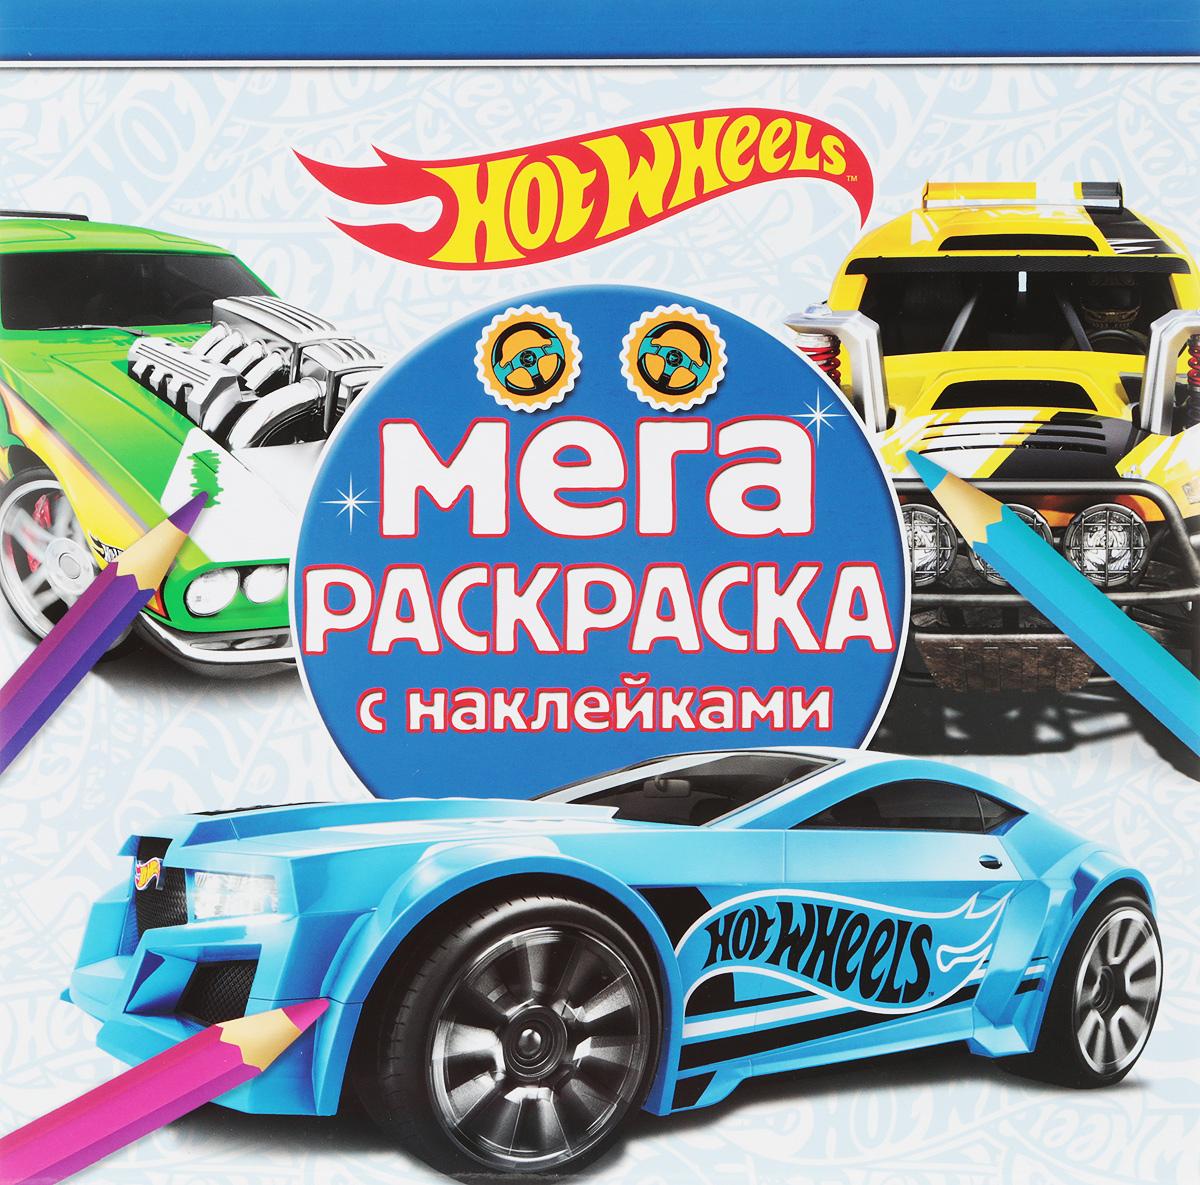 Hot wheels. Мега-раскраска (+ наклейками) кораблик первая раскраска малыша